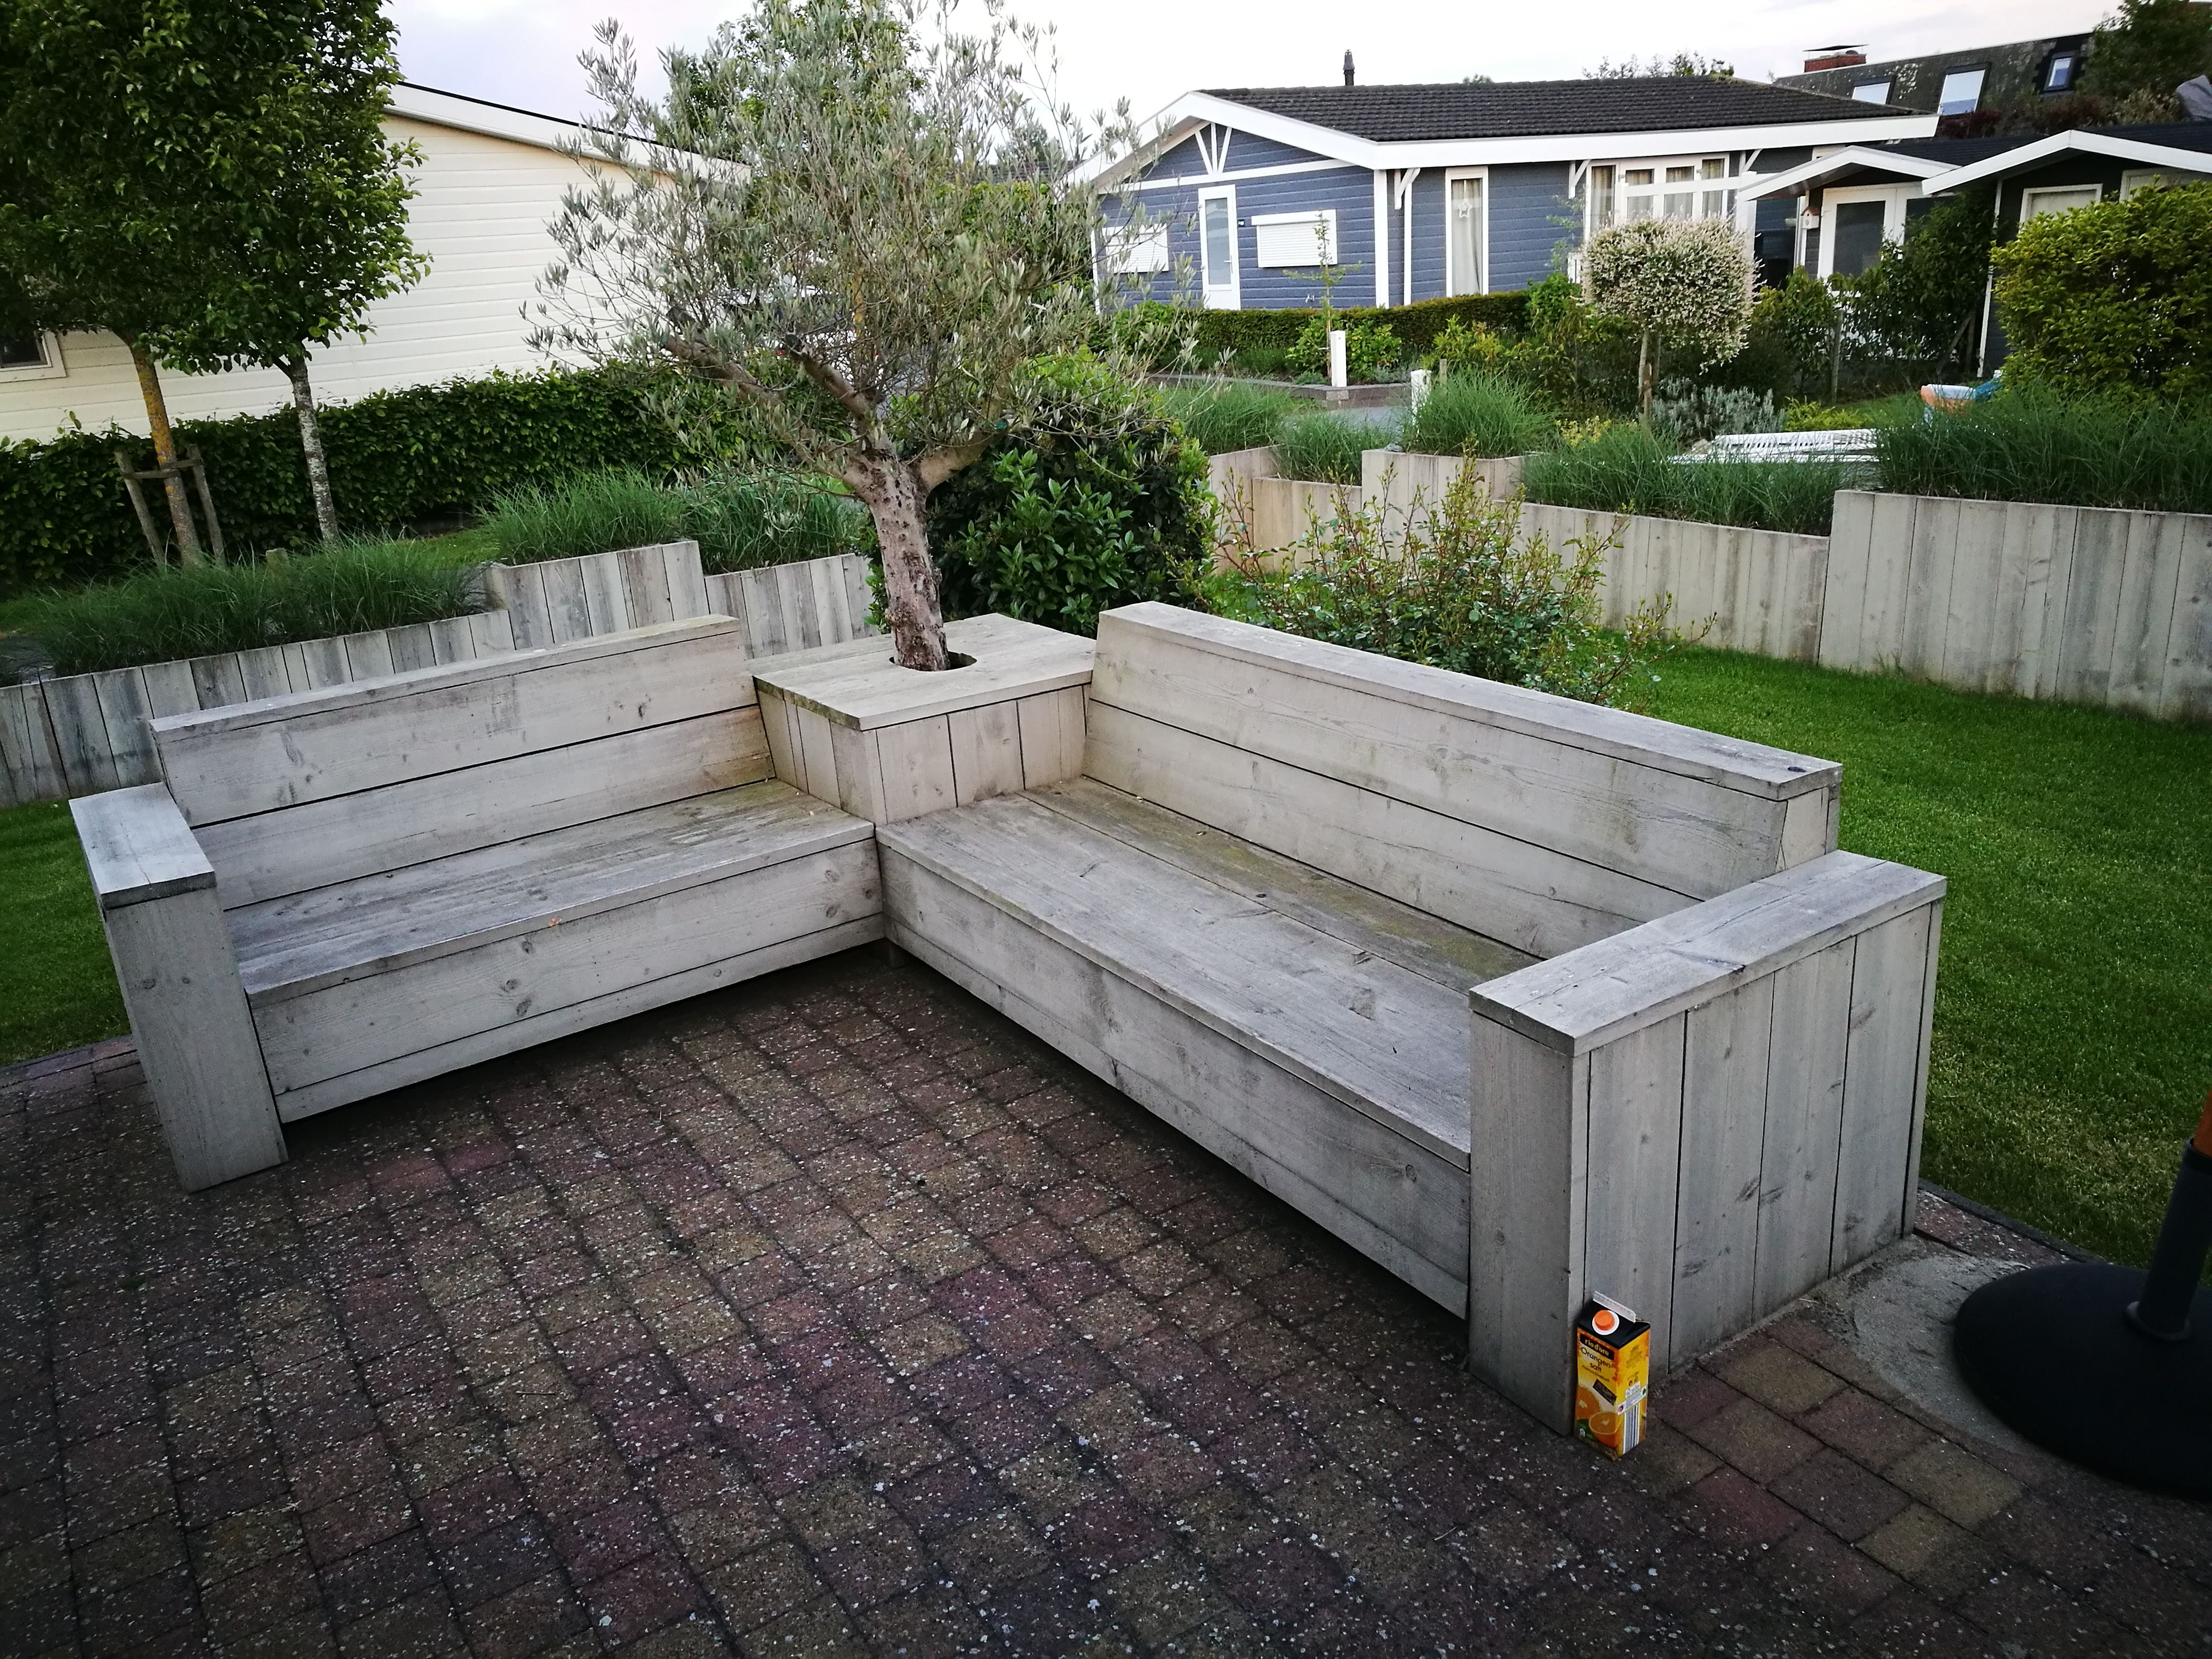 Outdoorküche Garten Gratis : Gartenloungemöbel im dutchstyle garten und terrasse